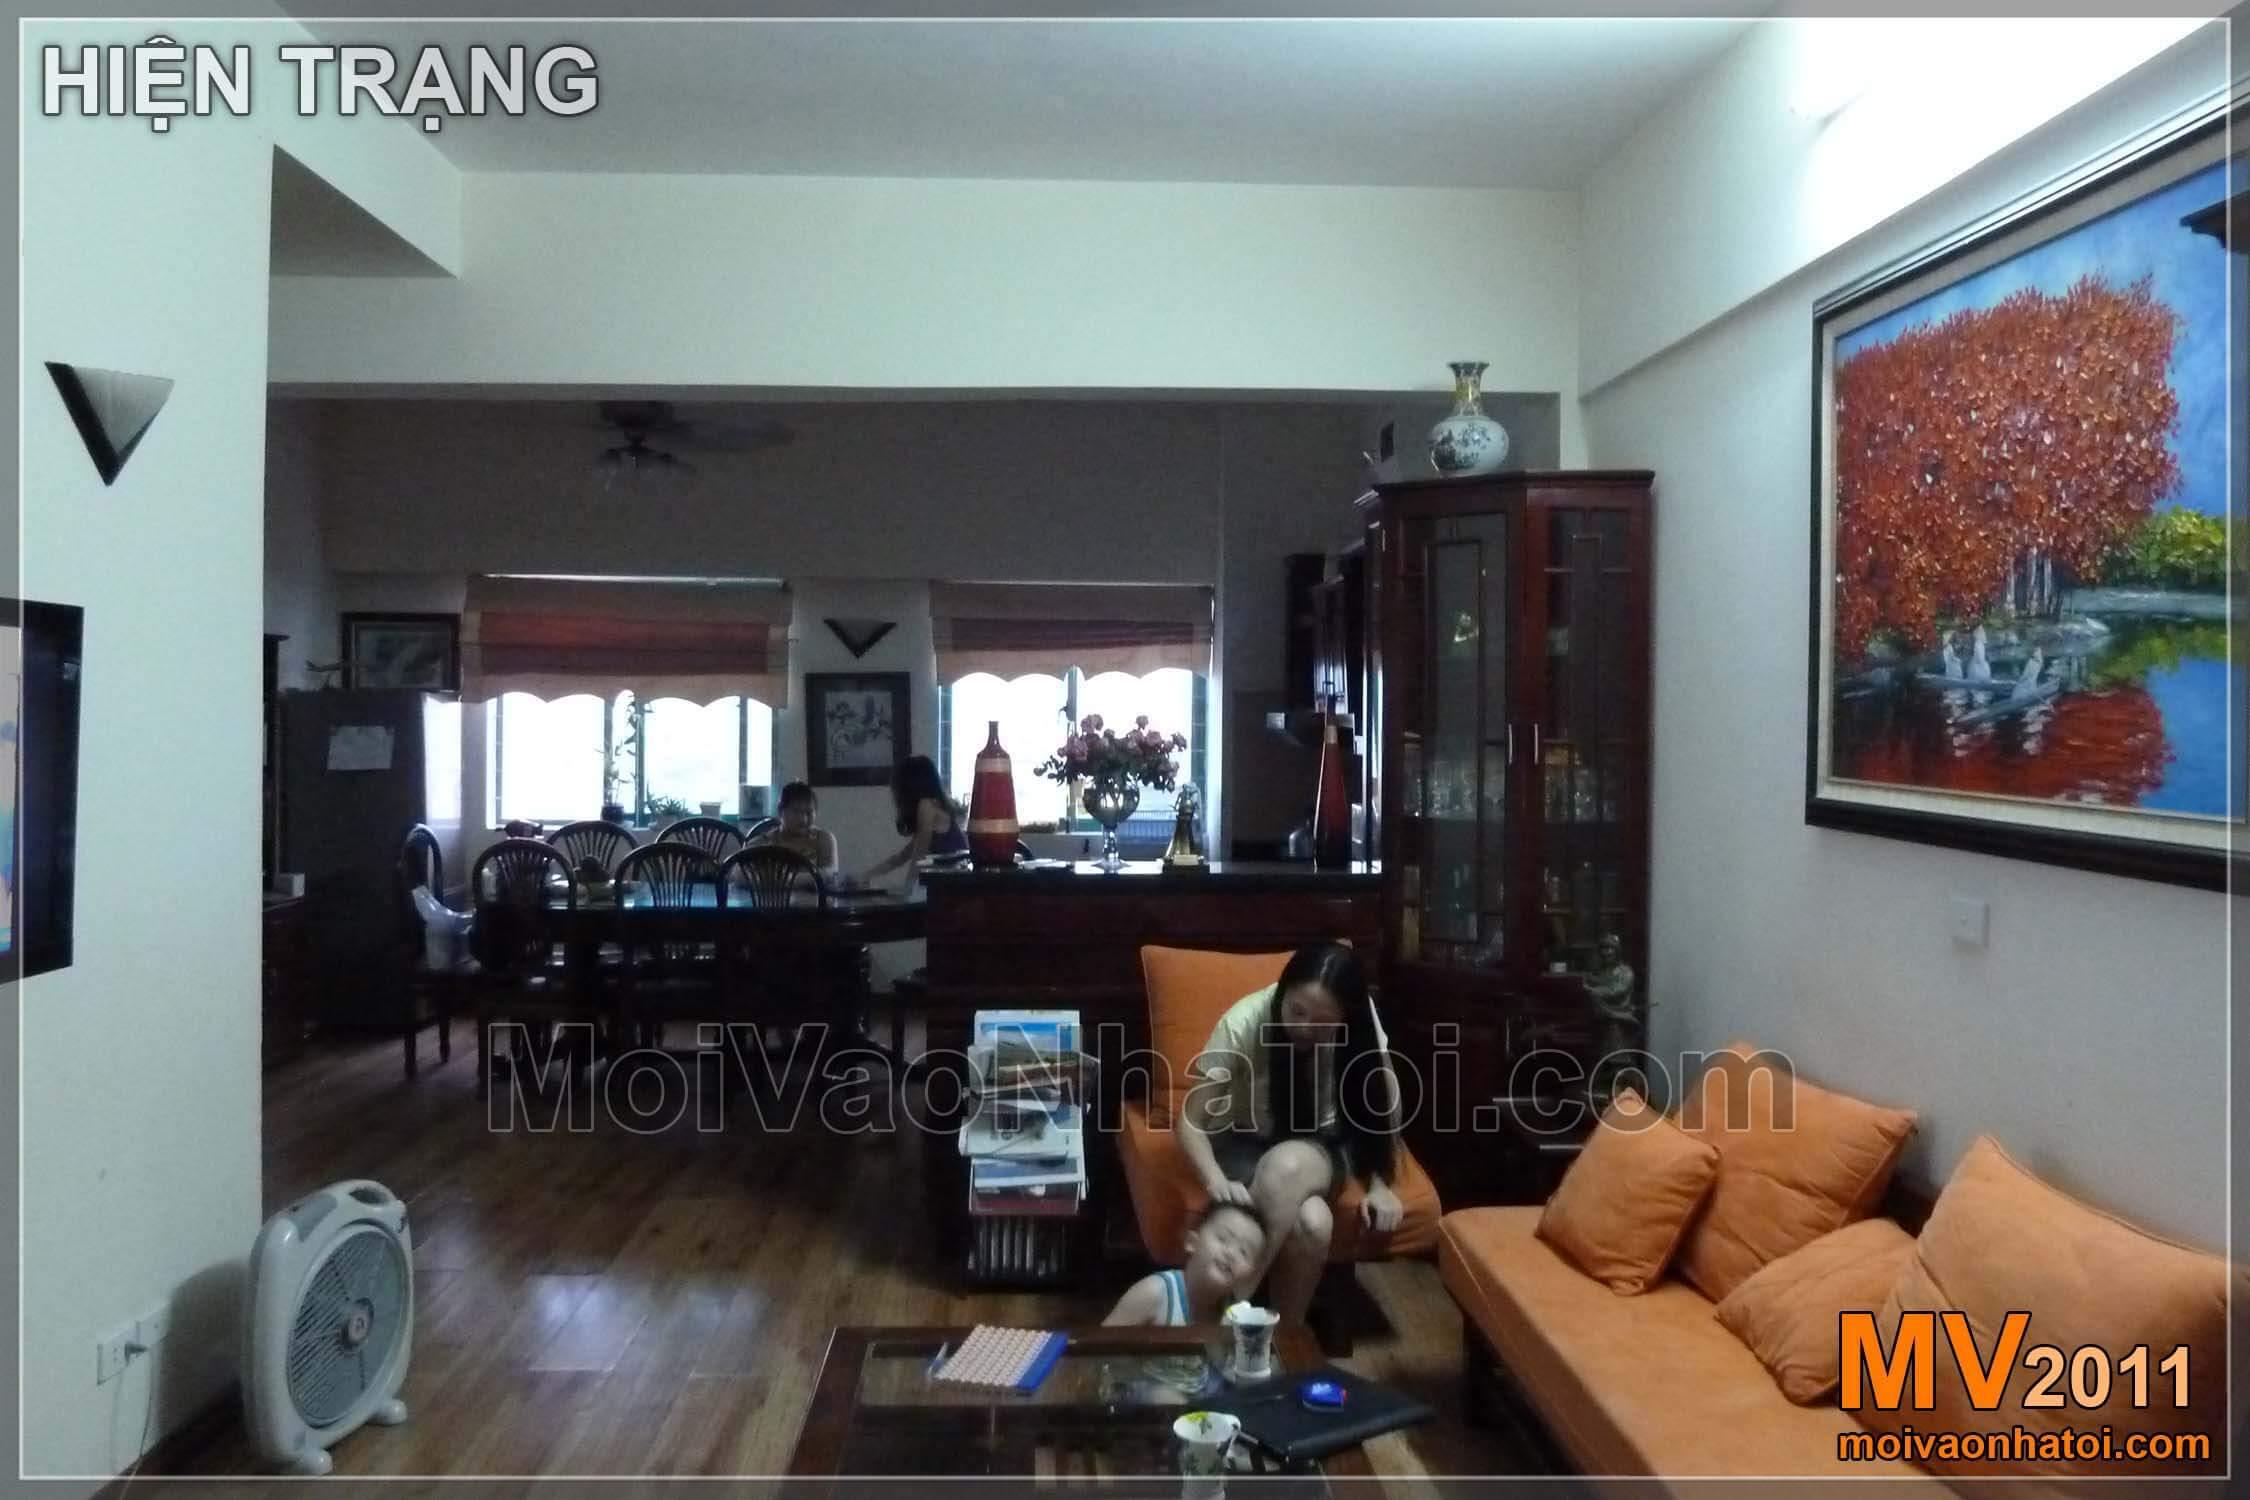 Hiện trạng căn hộ - nhìn từ cửa chính vào phòng khách